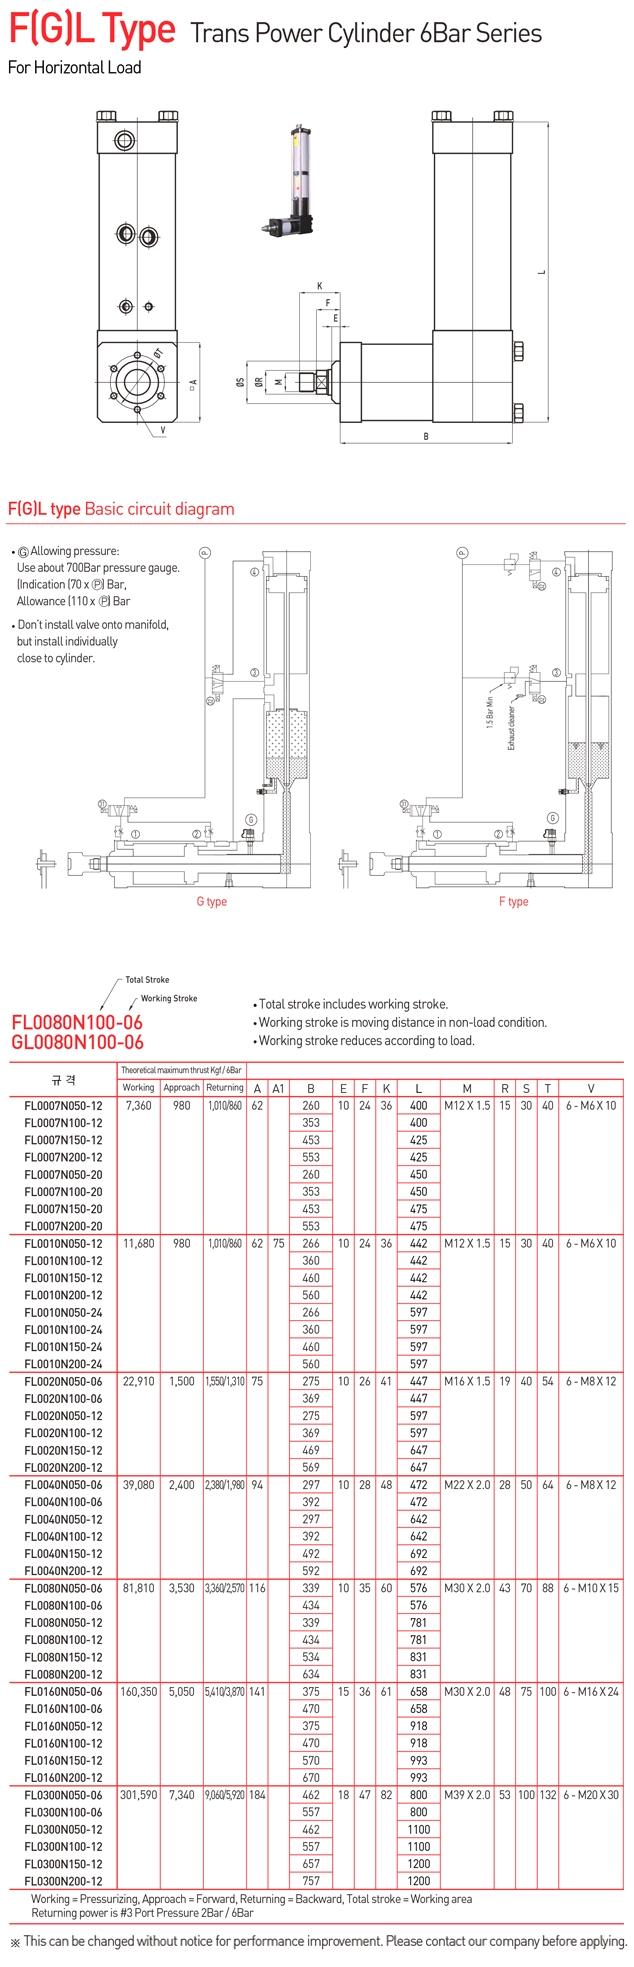 FEG TECH Trans Power Cylinder 6 Bar Series F(G)L Type